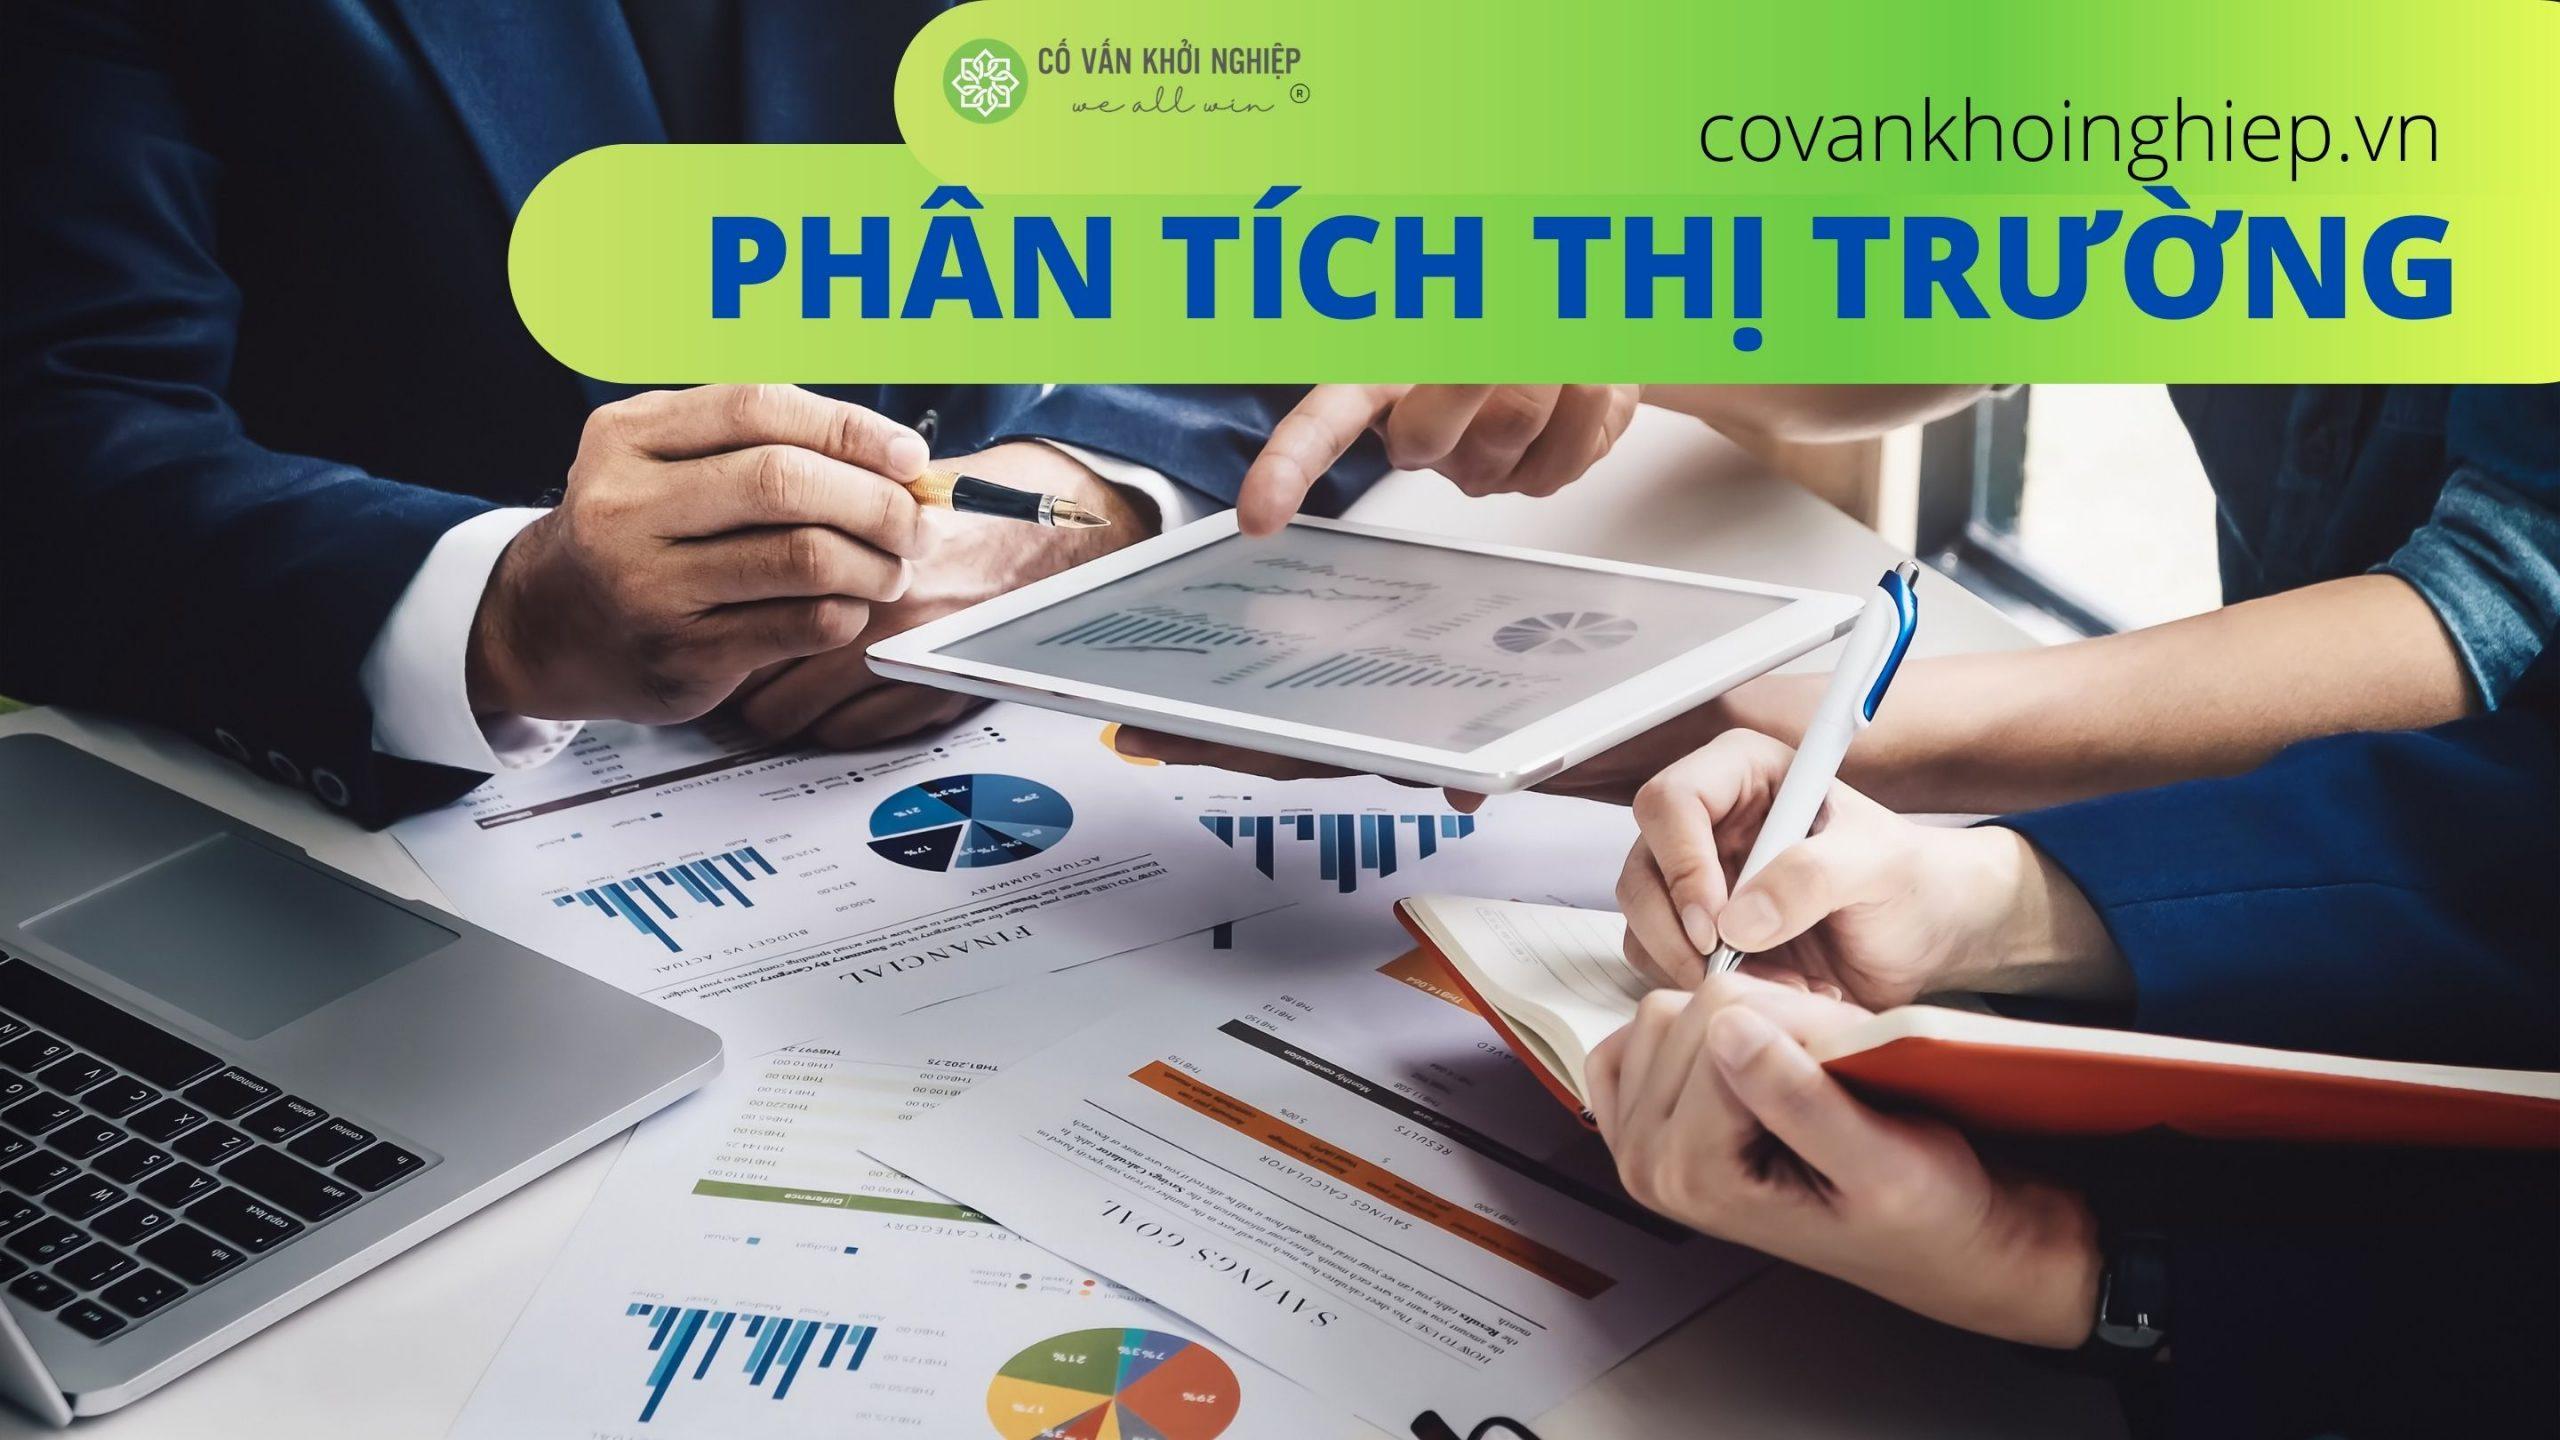 Dịch vụ phân tích thị trường - covankhoinghiep.vn